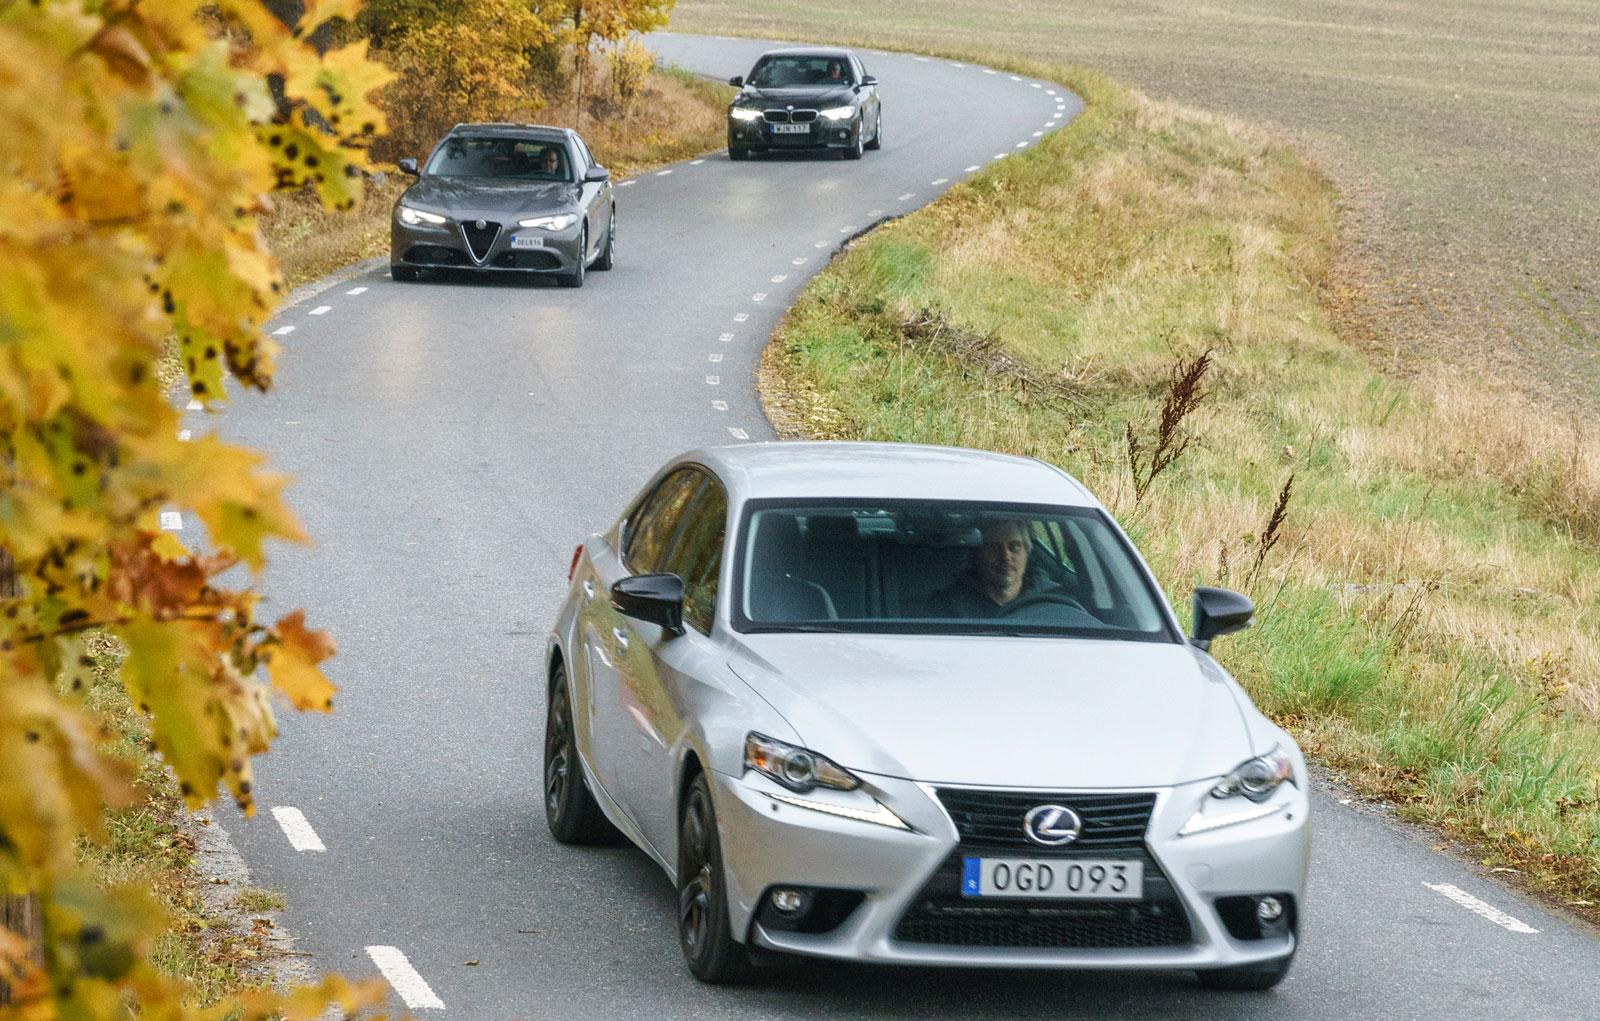 Slingervägar passar trion utmärkt. Lexus rullar avspänt, Alfa Romeo och BMW mer responsivt.